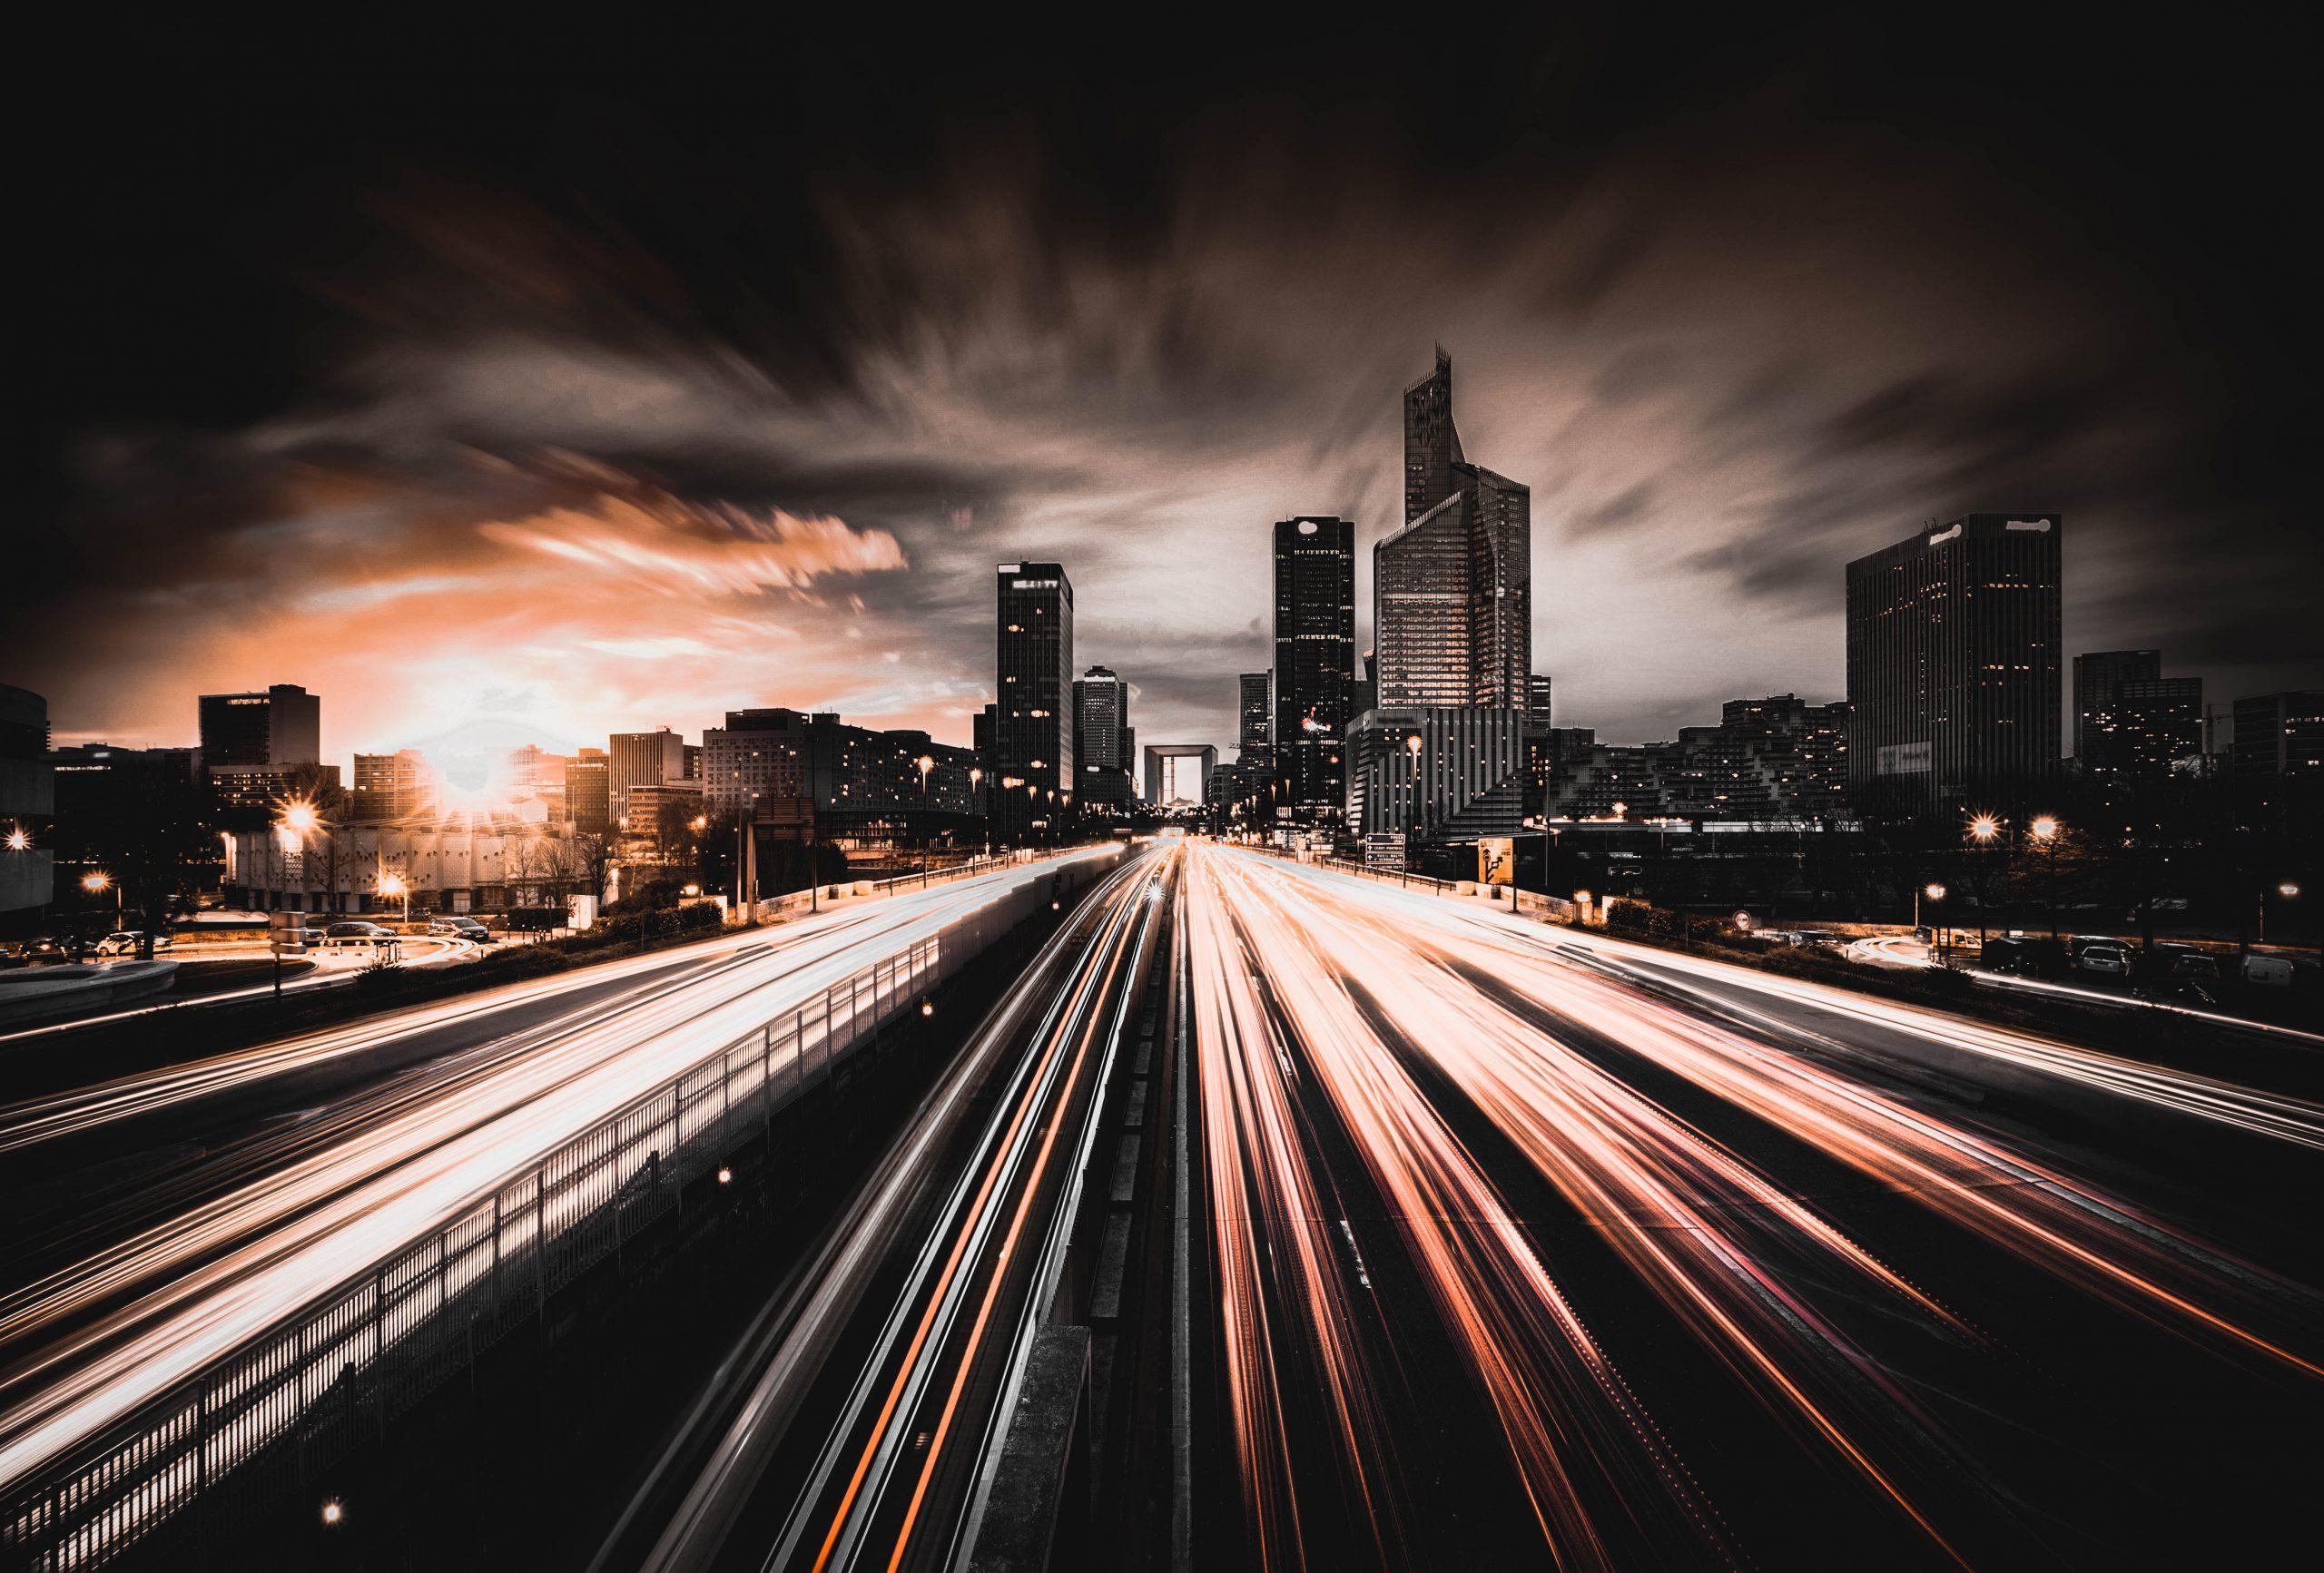 آفاق جديدة في توأمة المدن